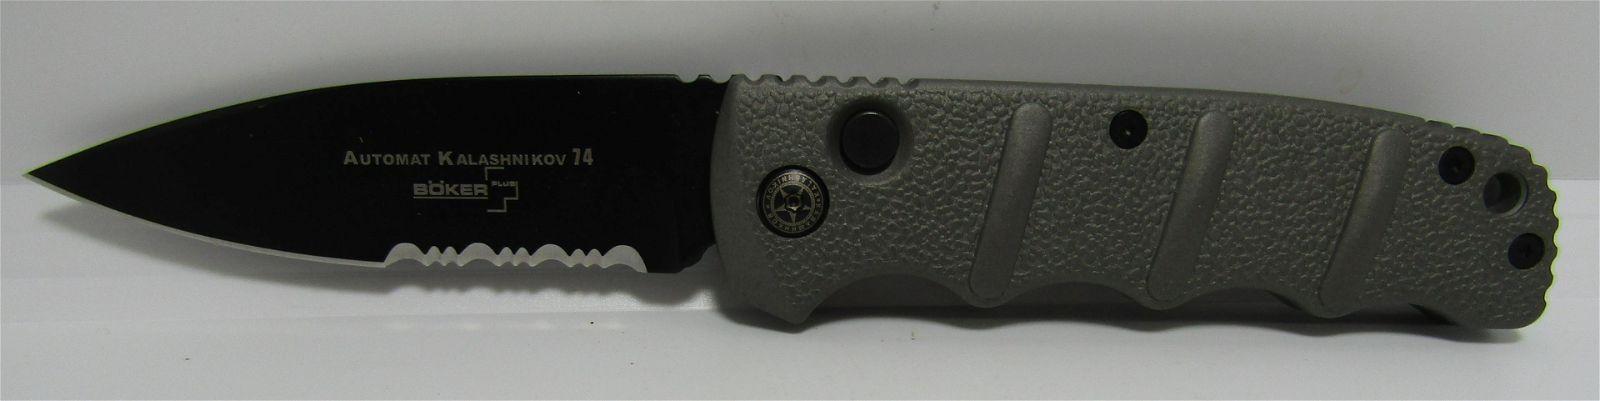 BOKER SWITCHBLADE KNIFE.